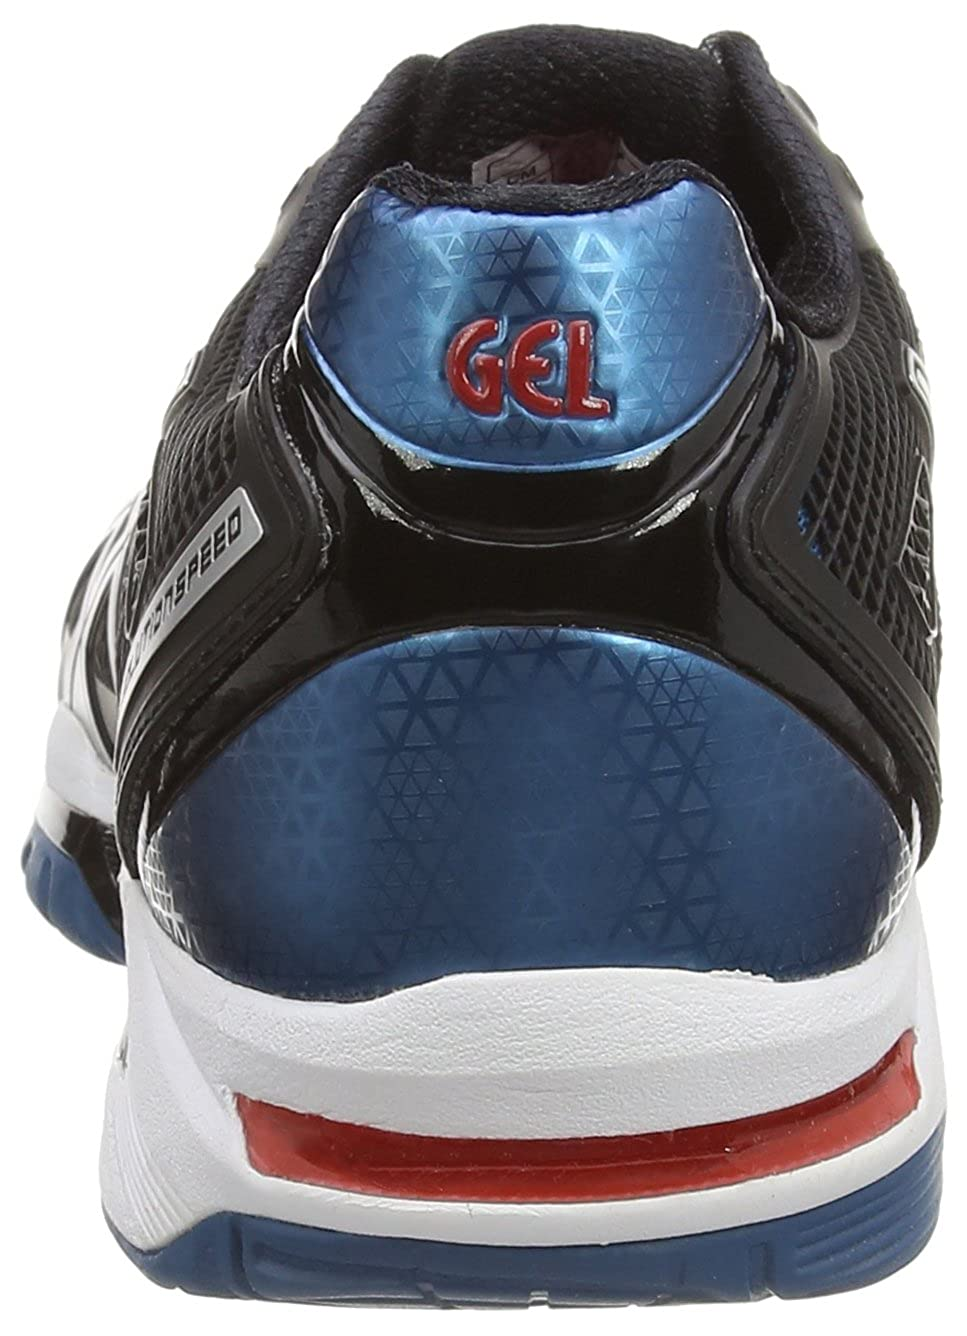 ASICS Gel-Solution Speed 2, Zapatillas de Tenis para Hombre, Negro (Onyx/Silver/Mosaic Blue 9993), 39.5 EU: Amazon.es: Zapatos y complementos